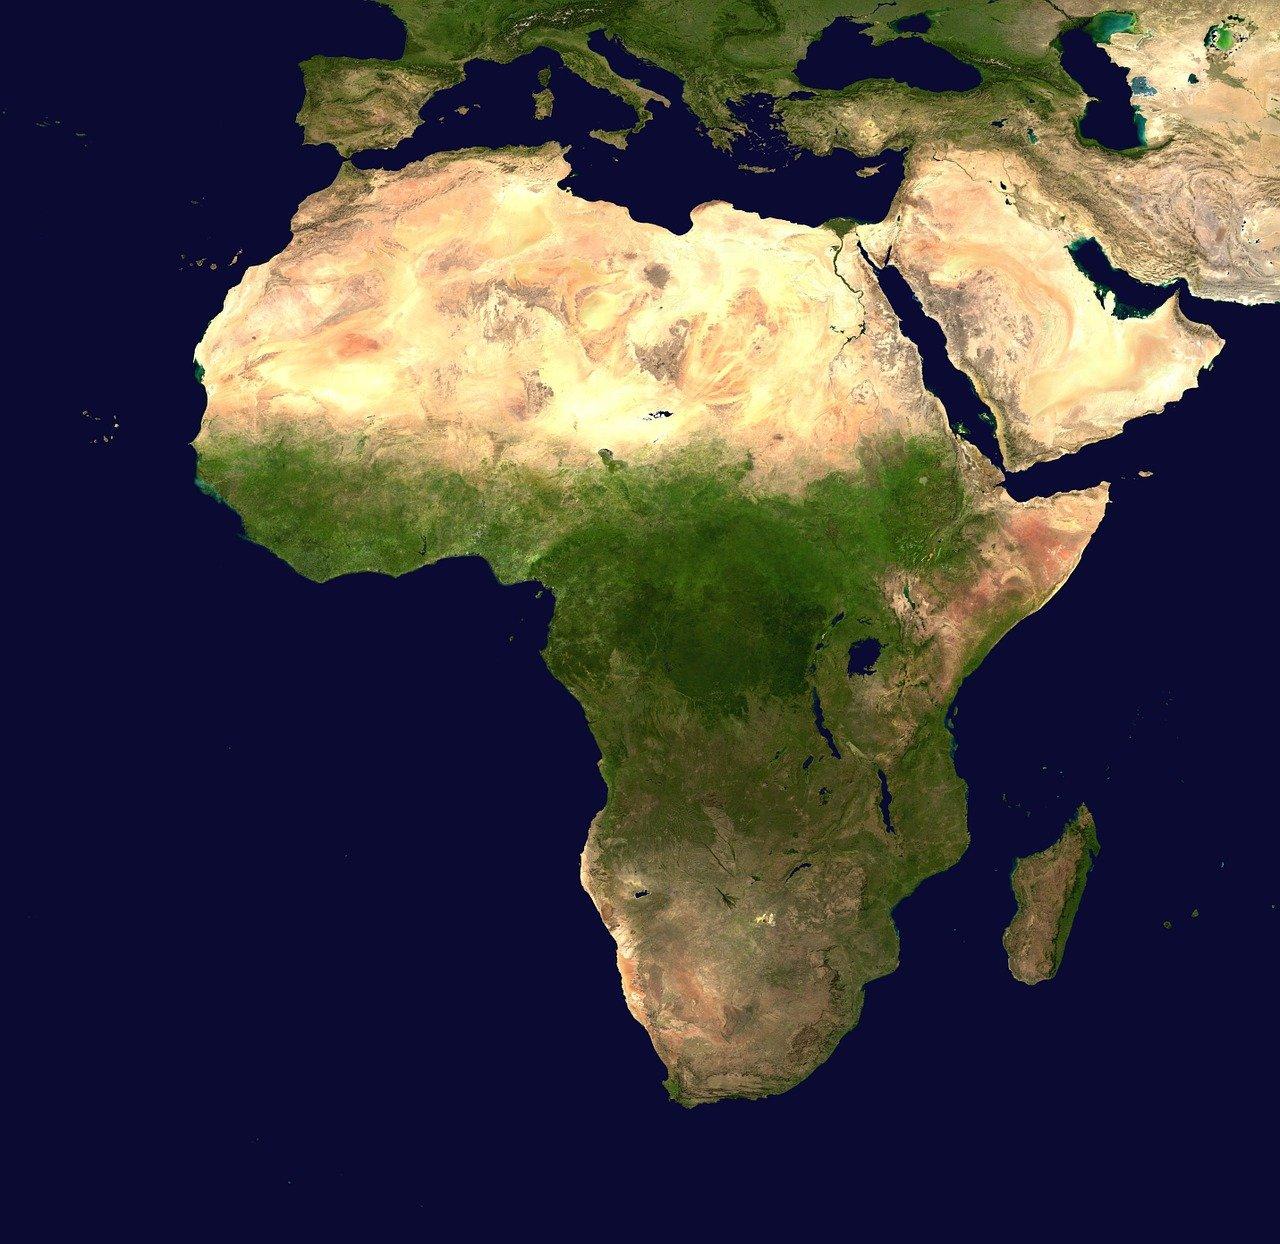 Une étude montre que l'Afrique est la zone qui enregistre la plus grande progression des volumes d'échanges Bitcoin dans le monde. Retour sur cette étude.